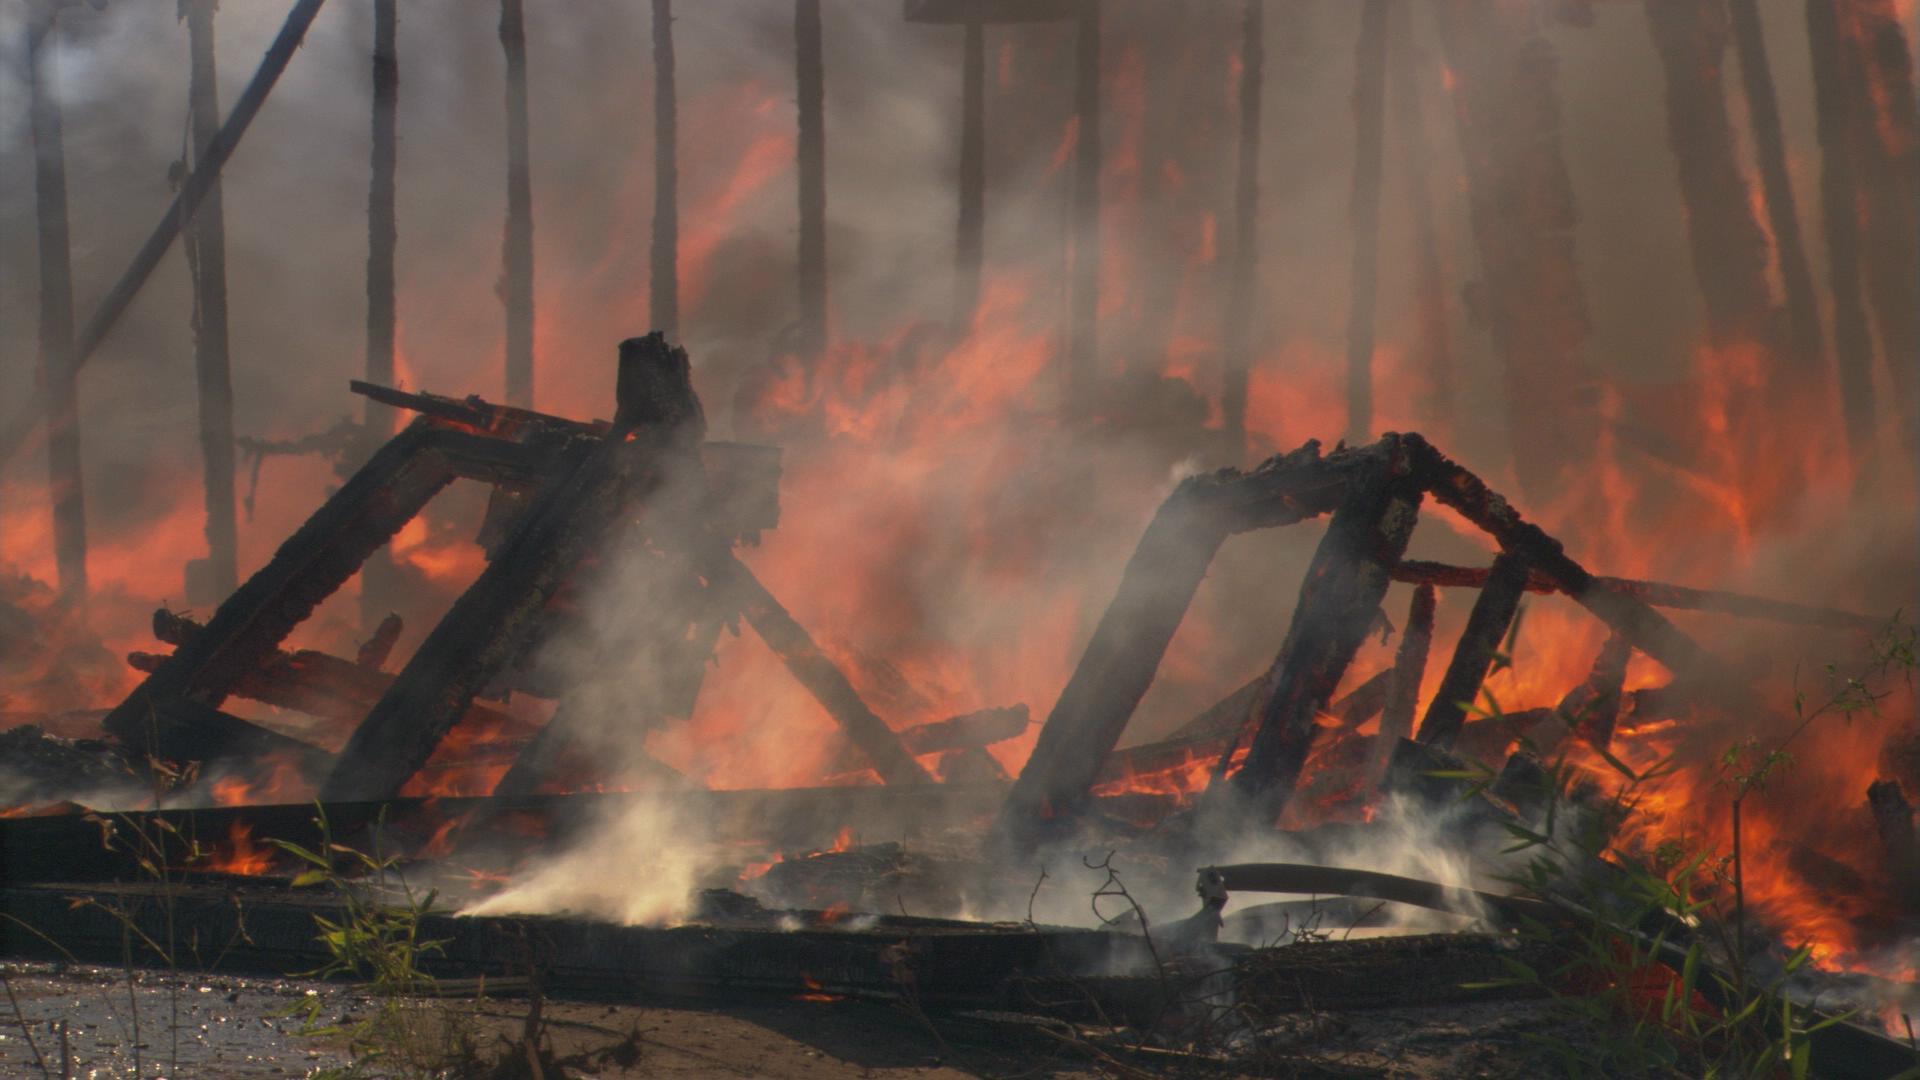 房屋大火 浓烟6 高清实拍视频素材